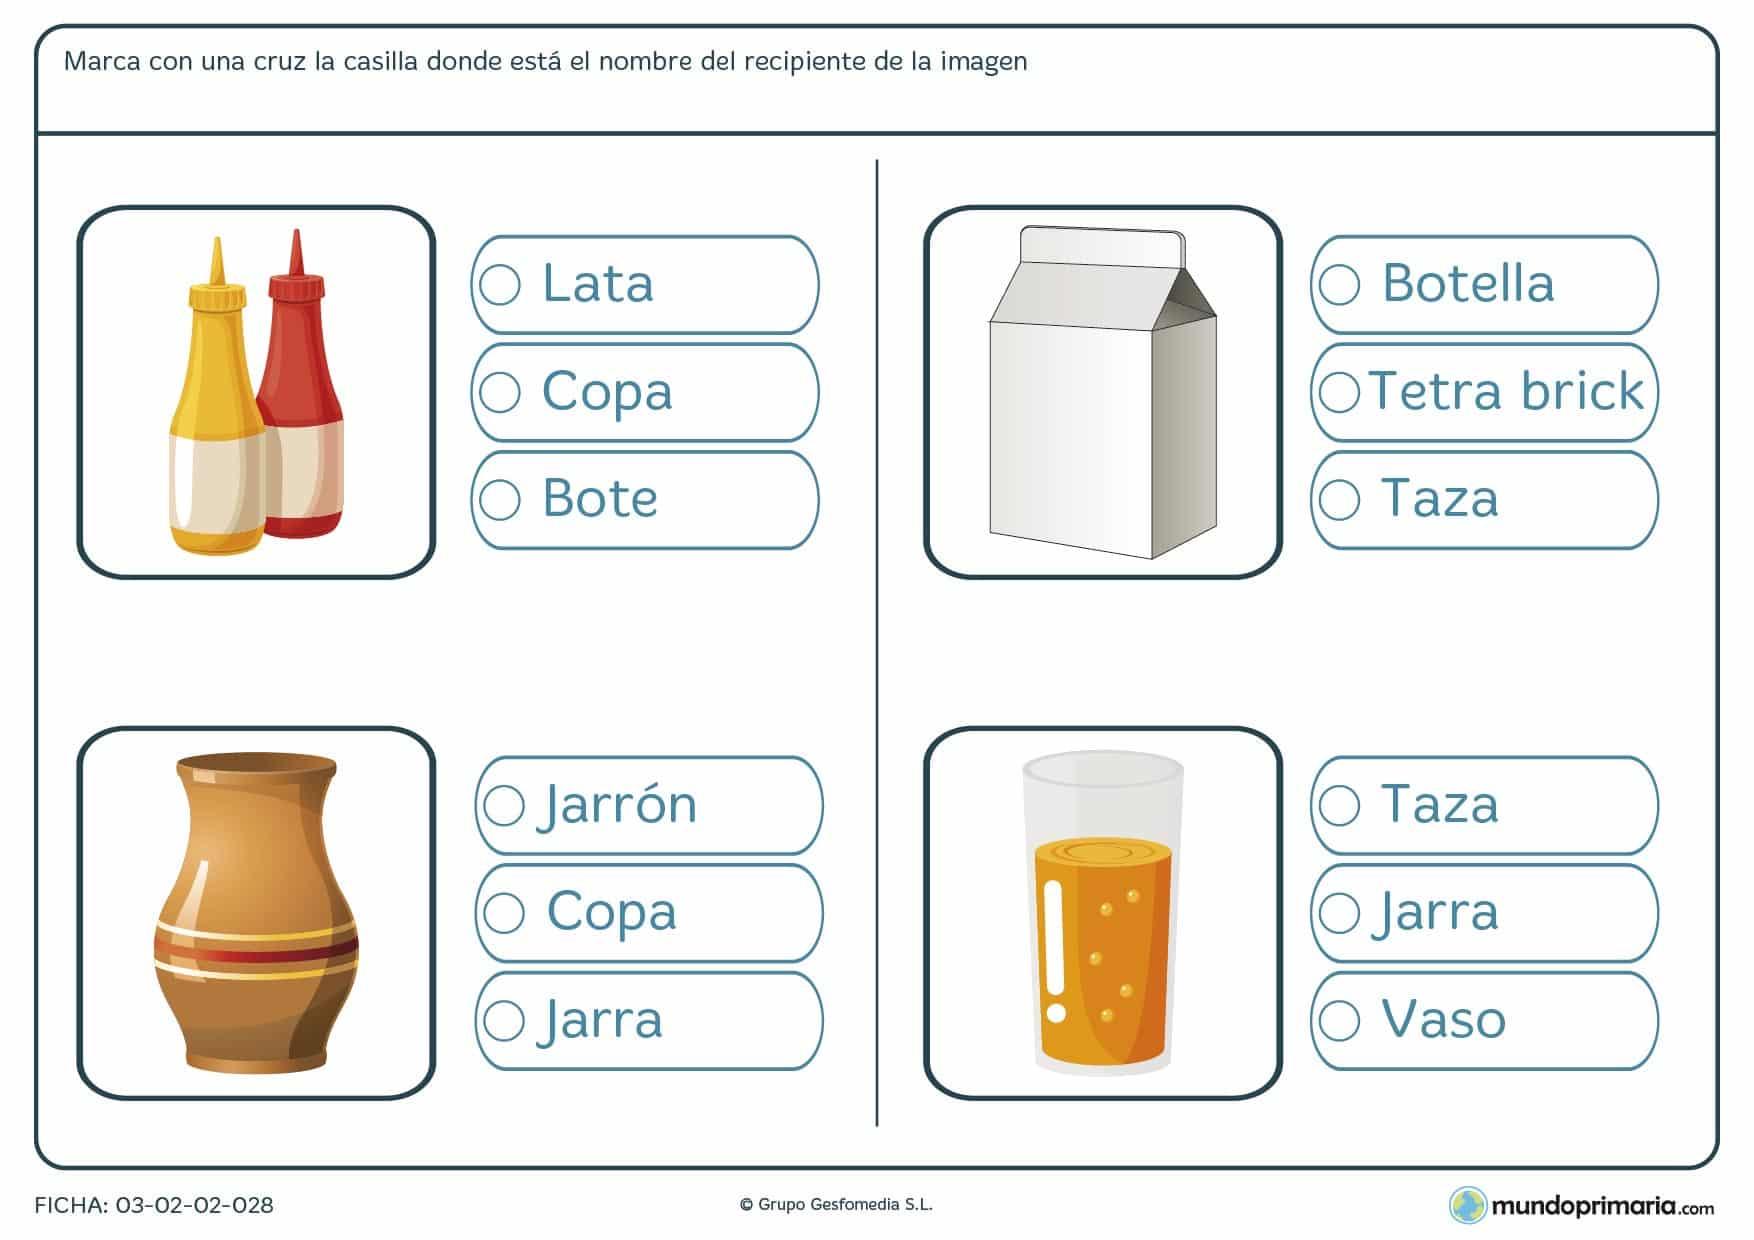 Ficha de marcar la casilla del nombre correcto para aprender el vocabulario de los envases en 1º de Primaria.